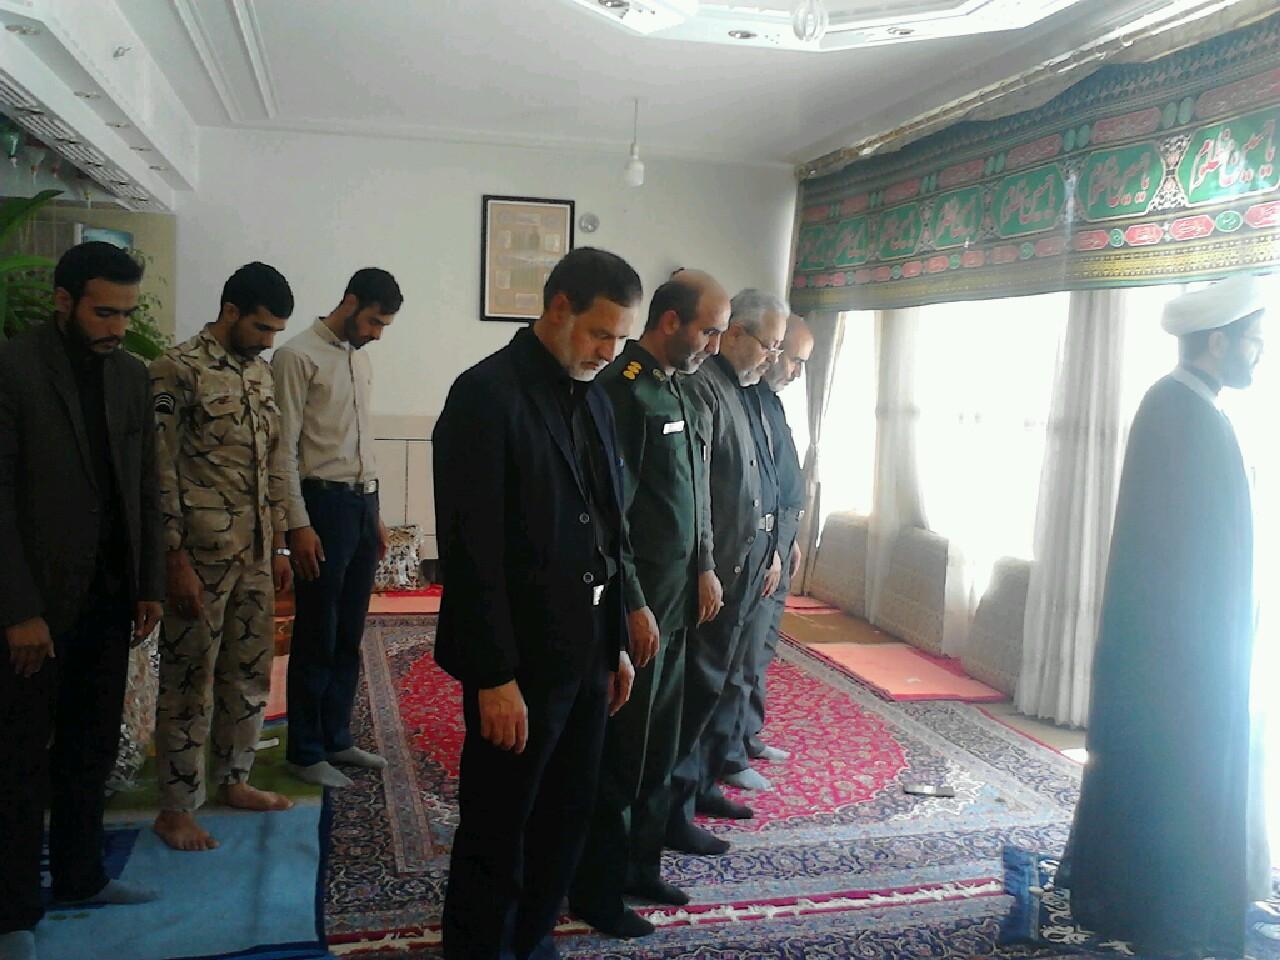 اقامه نماز جماعت ظهر در دفتر با جمعی از مسئولین کنگره شهدا شهر